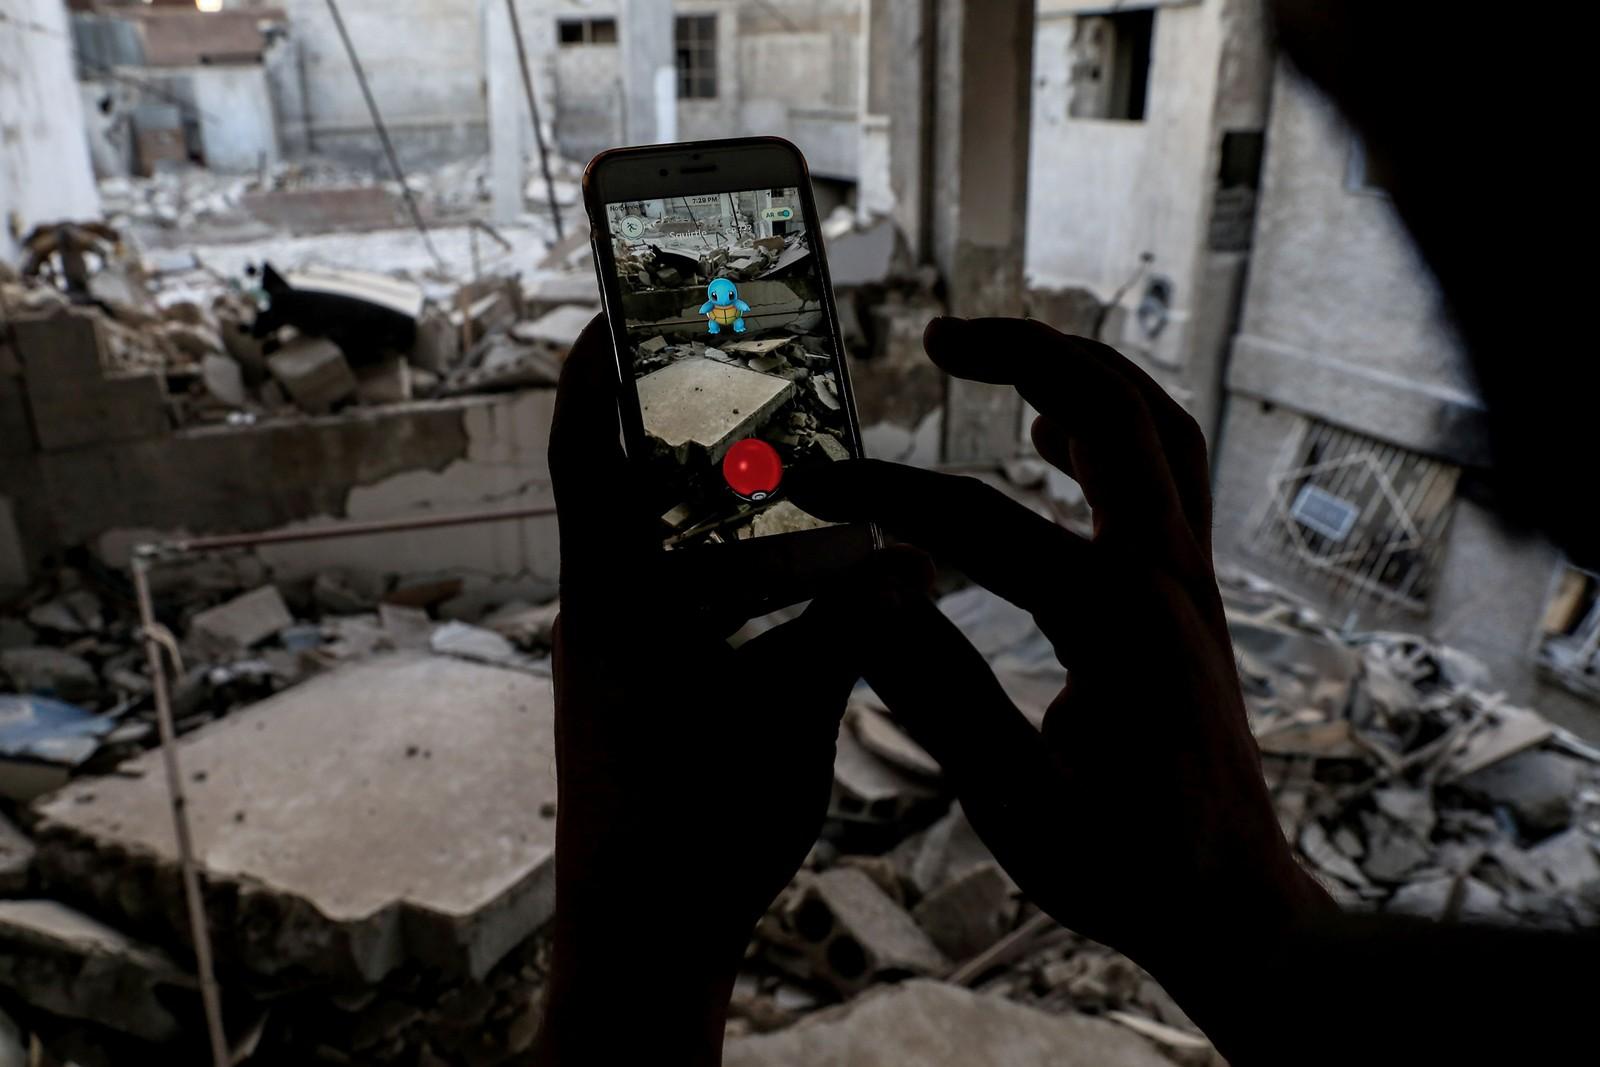 En syrisk spillentusiast spiller Pokemon Go på mobilen, og klarer å fange en Pokemon i ruinene av en bygning i Duma.